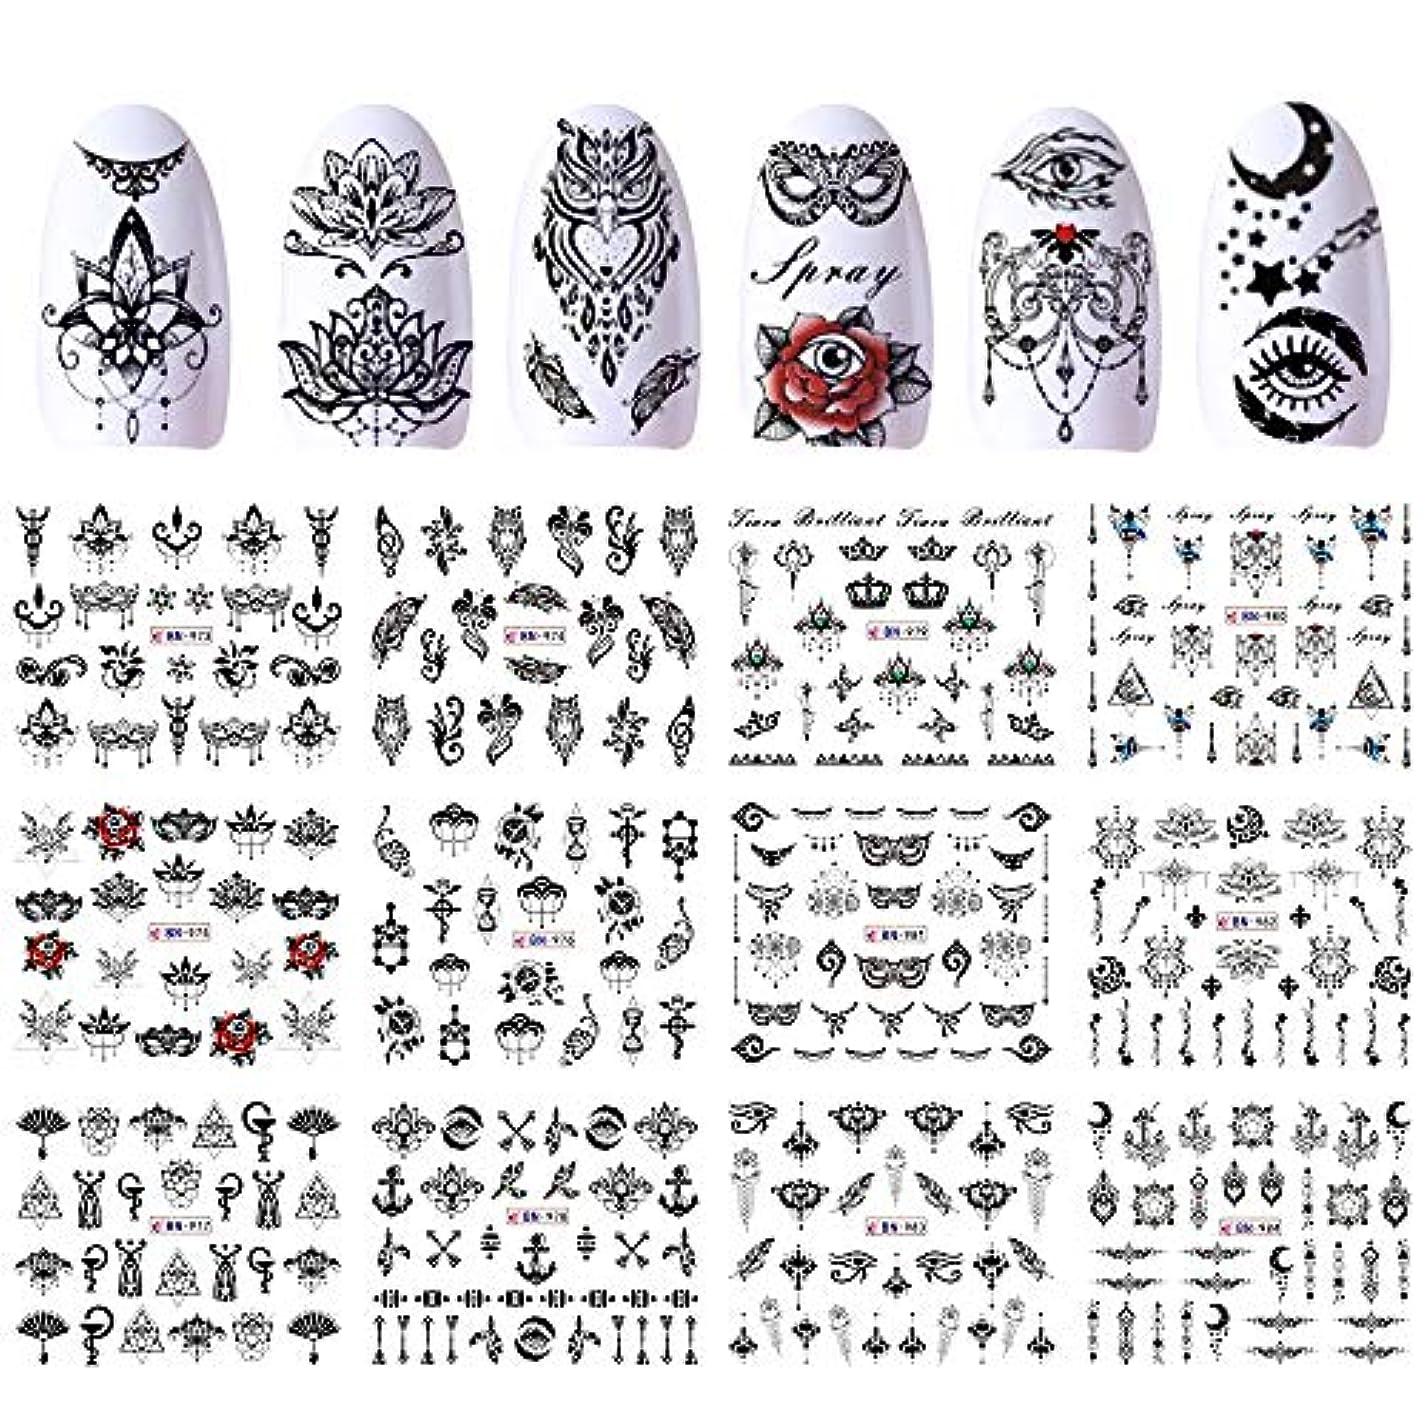 カヌー入浴地域SUKTI&XIAO ネイルステッカー 12デザインウォーターステッカー転送ブラックネイルデカール花ラップマニキュアネックレスインテリアタトゥーのヒント